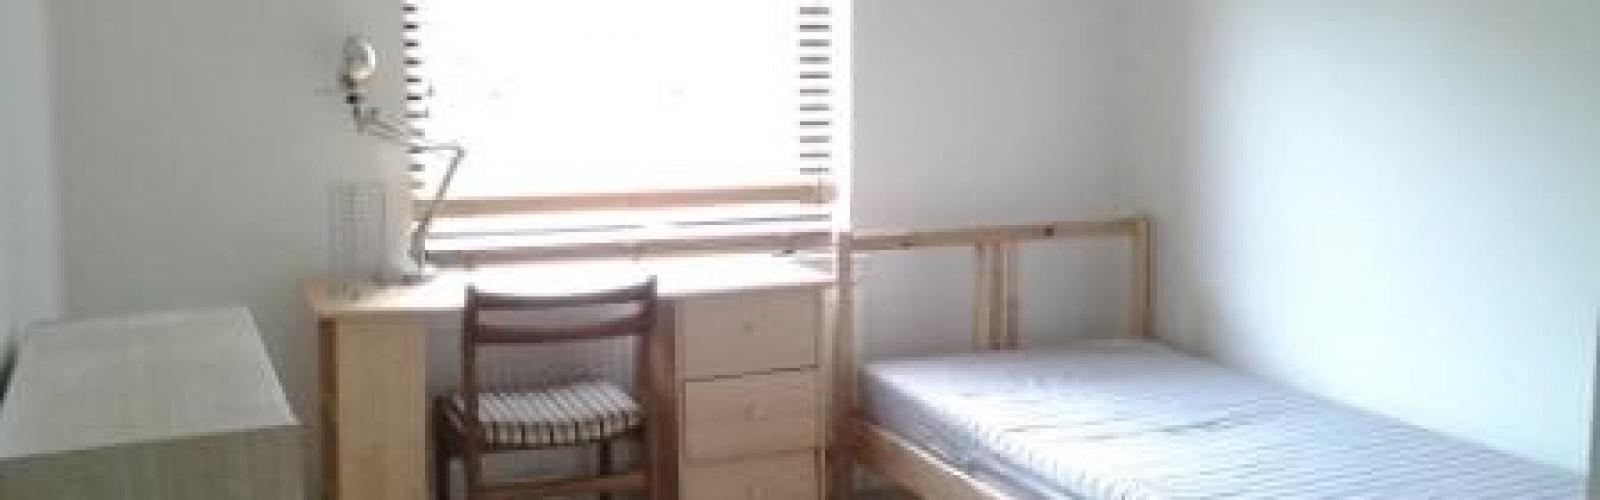 2 Bedrooms Bedrooms,1 BathroomBathrooms,Flat,1063